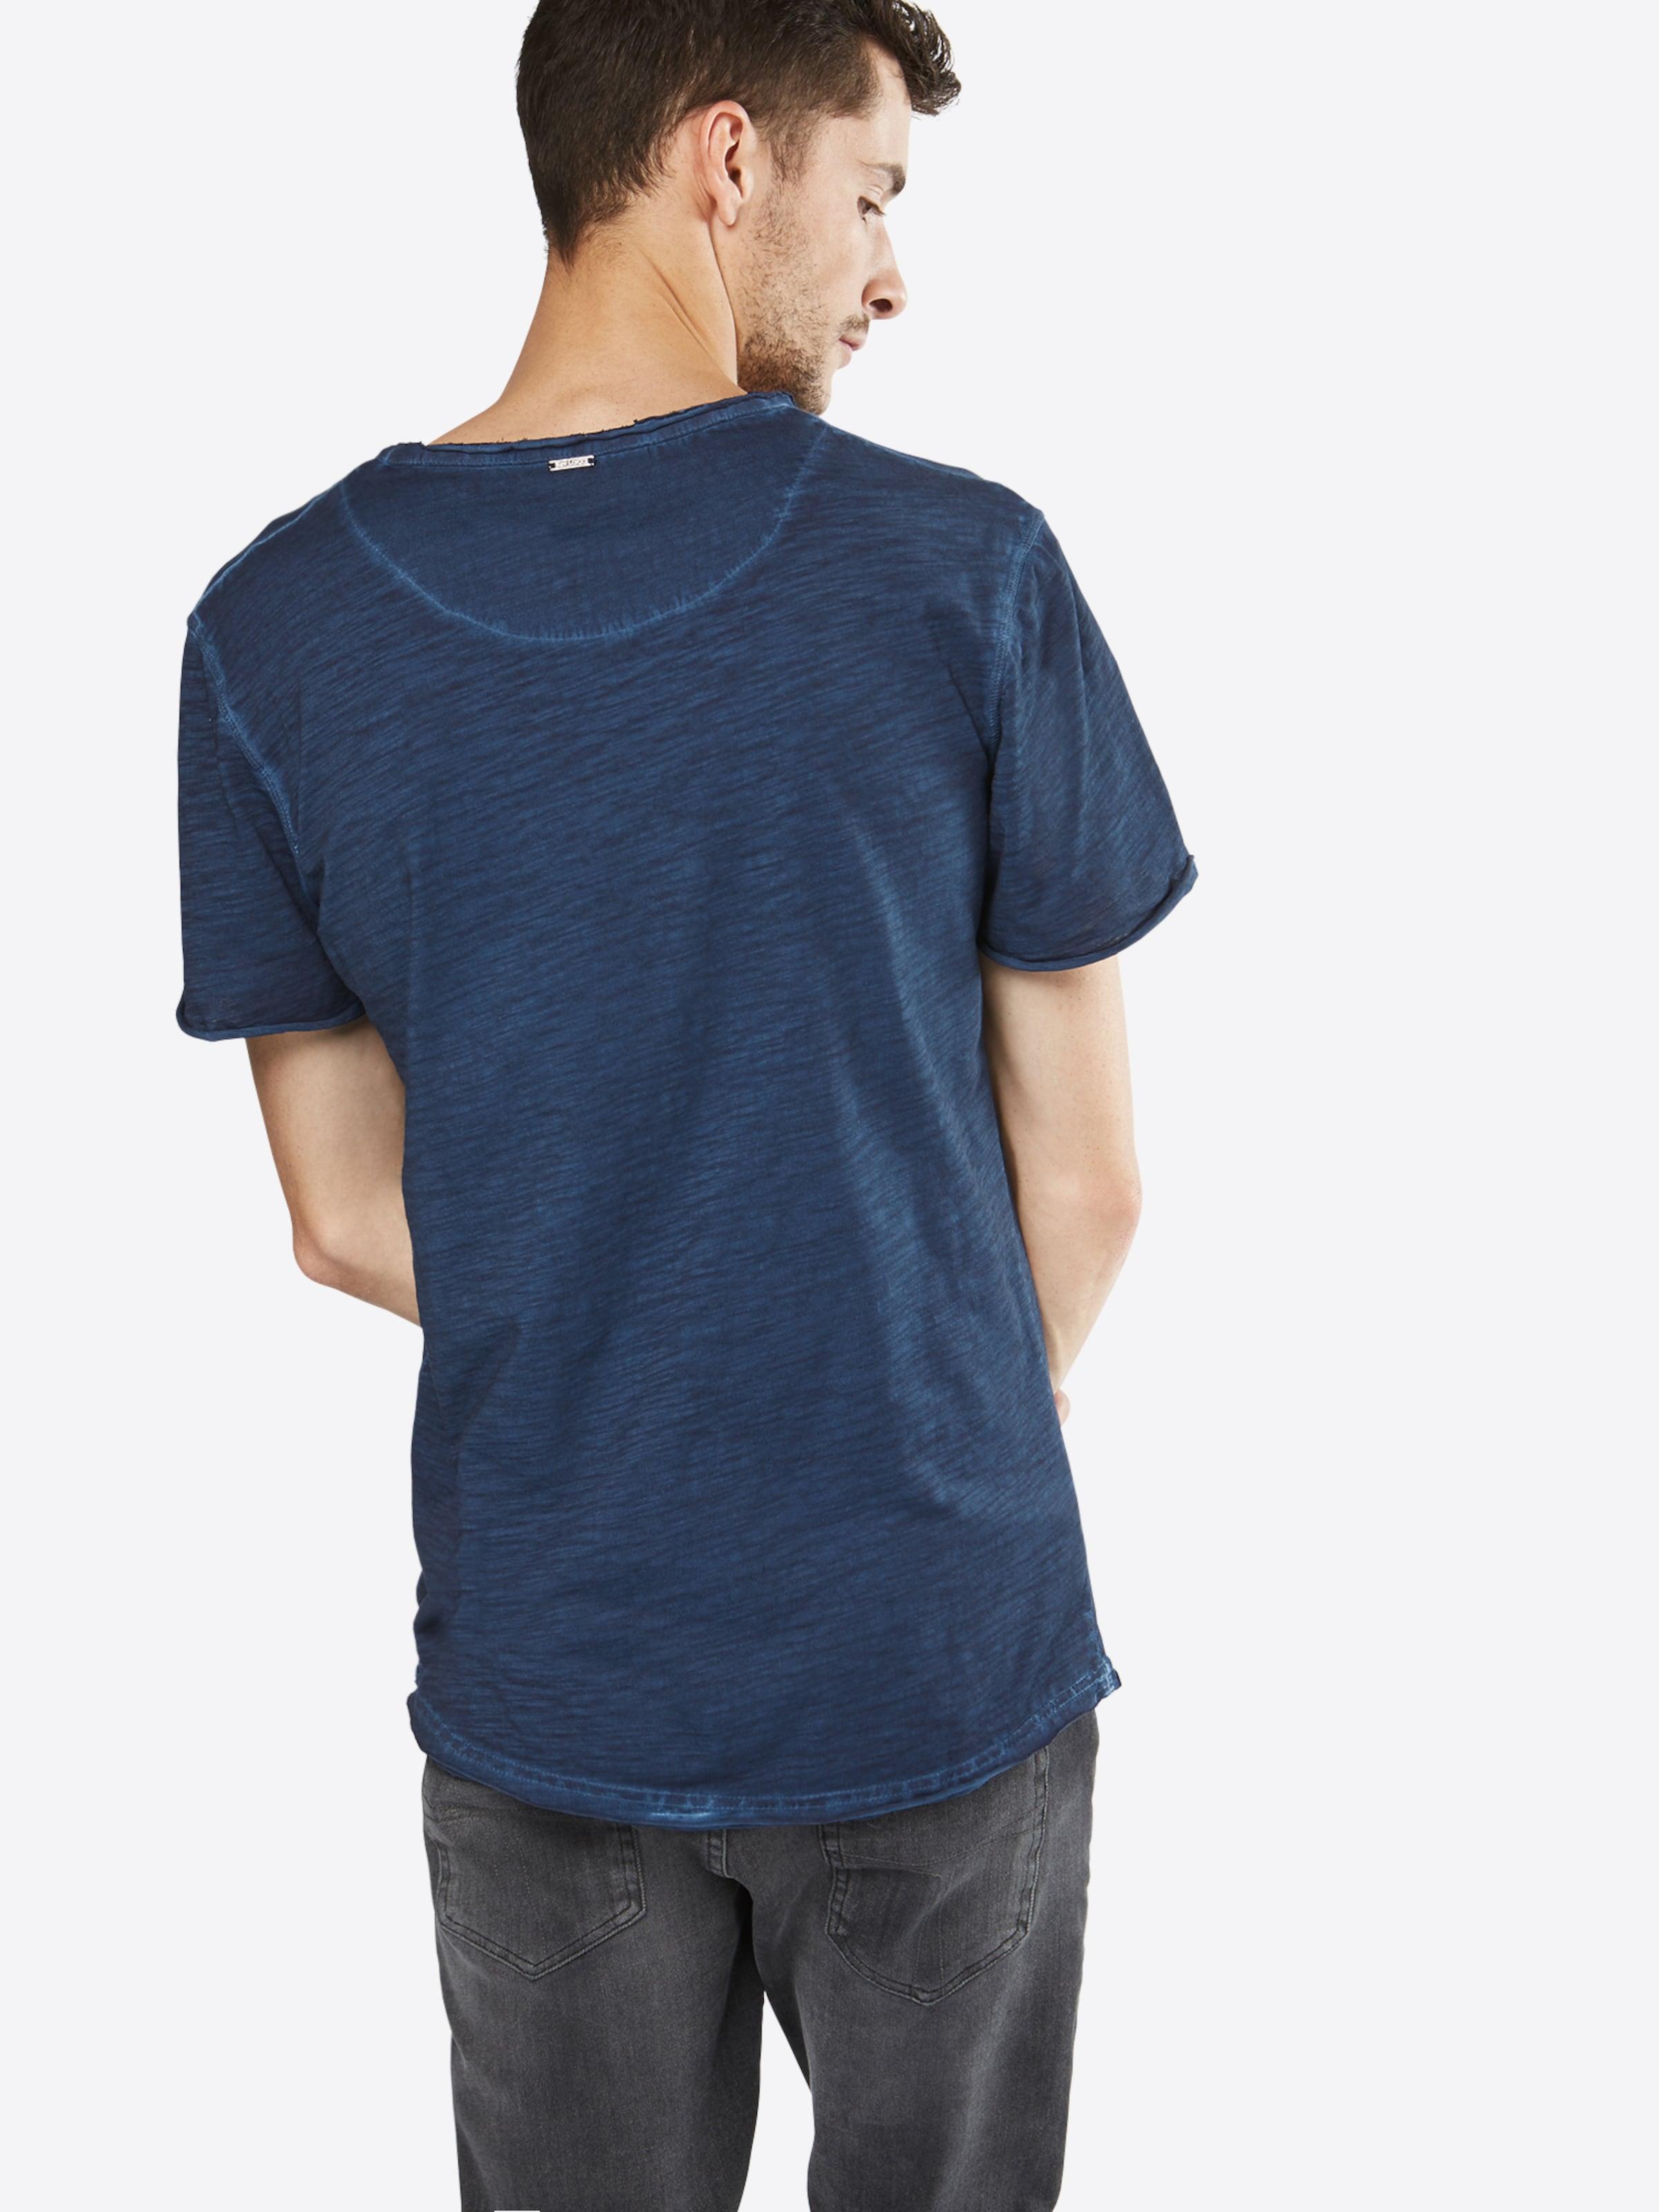 Key Largo T-Shirt 'Soda' mit V-Ausschnitt Angebote Günstiger Preis q1bIXjlgyP